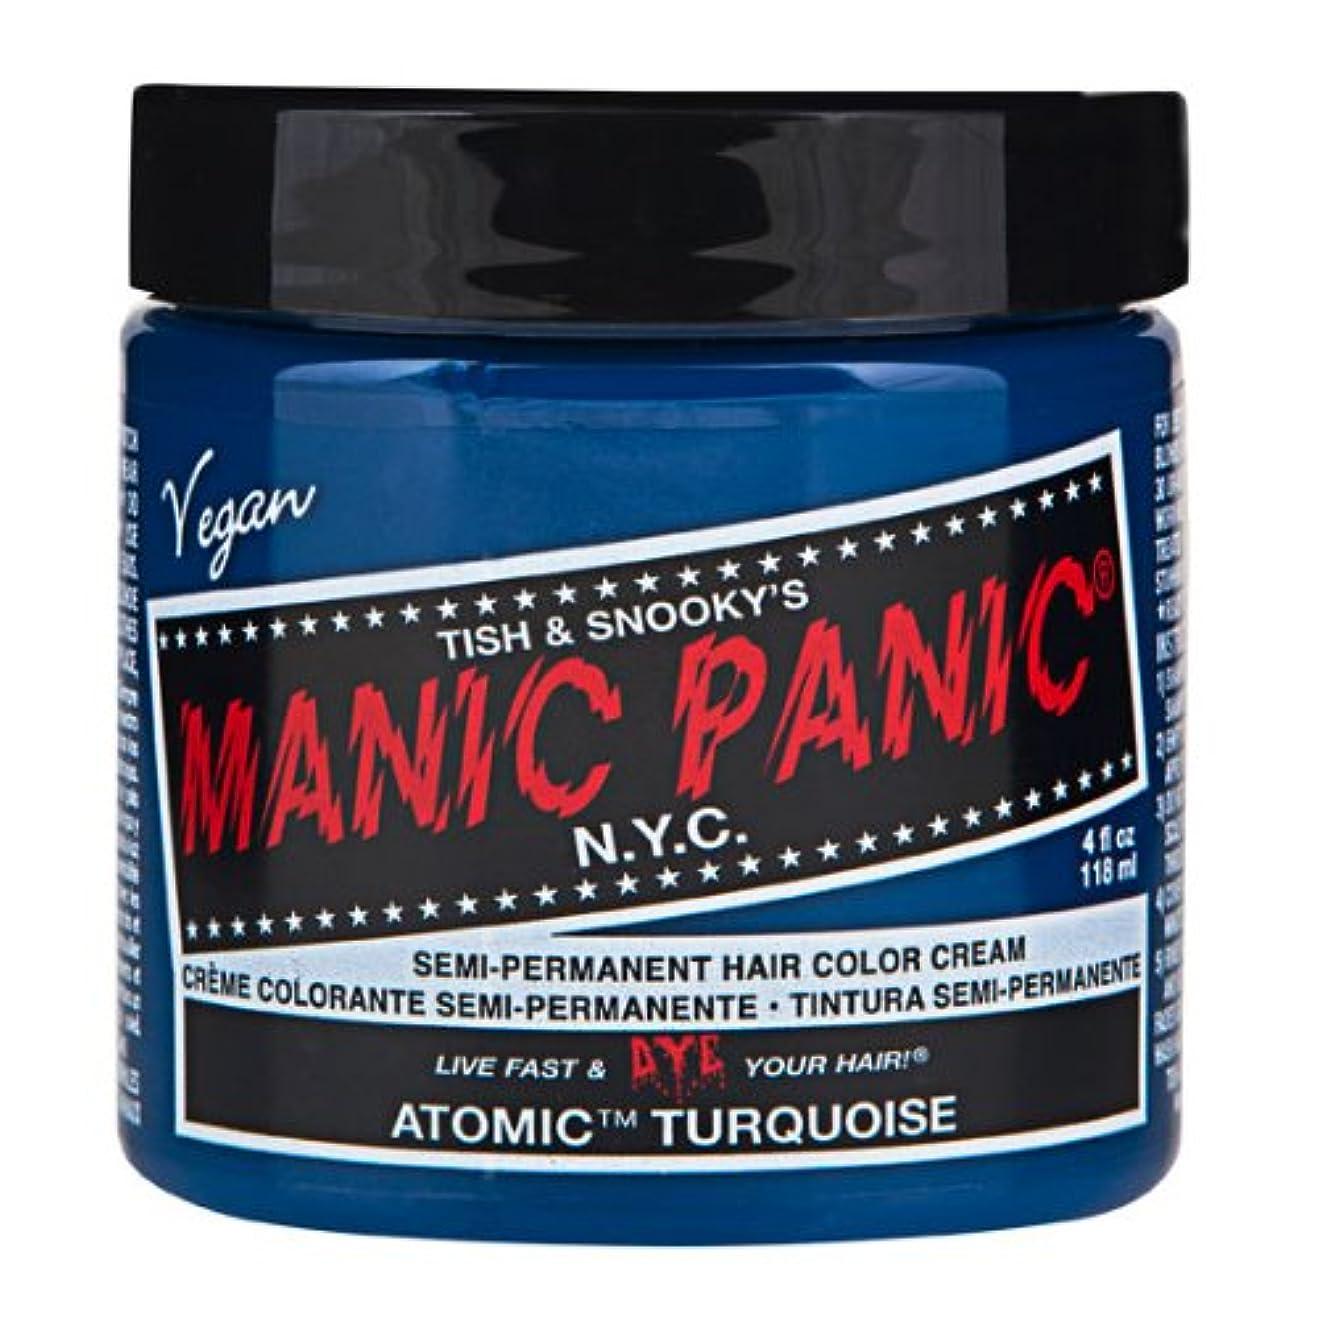 同様の難民シネウィマニックパニック MANIC PANIC ヘアカラー 118mlアトミックターコイズ ヘアーカラー